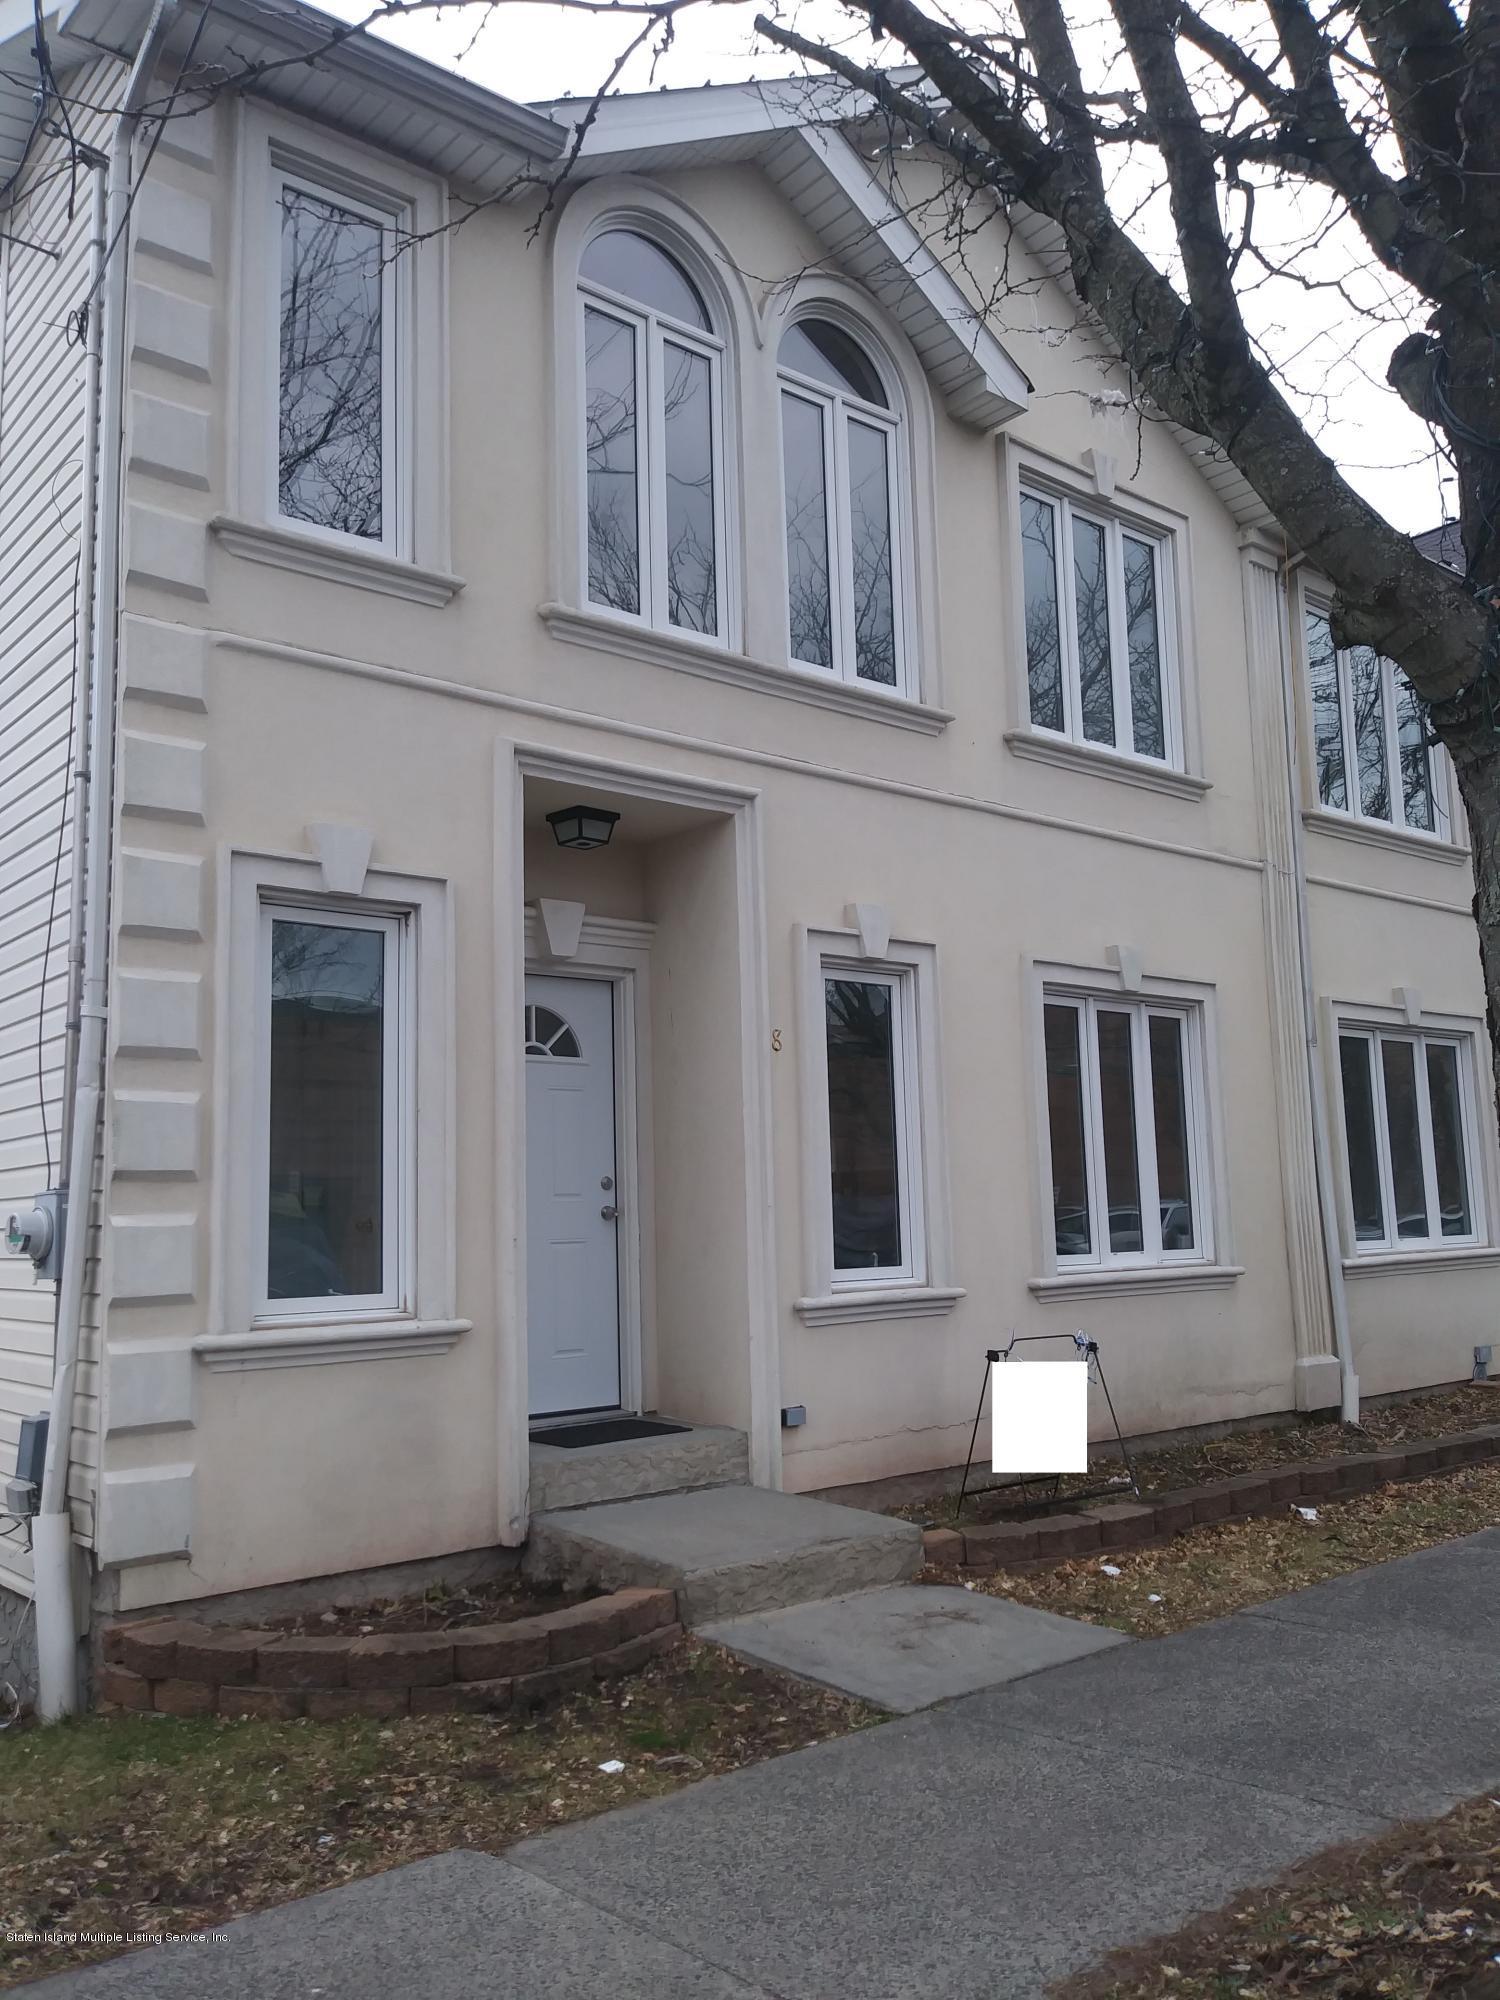 Single Family - Attached 8 Penton Street  Staten Island, NY 10309, MLS-1125381-3